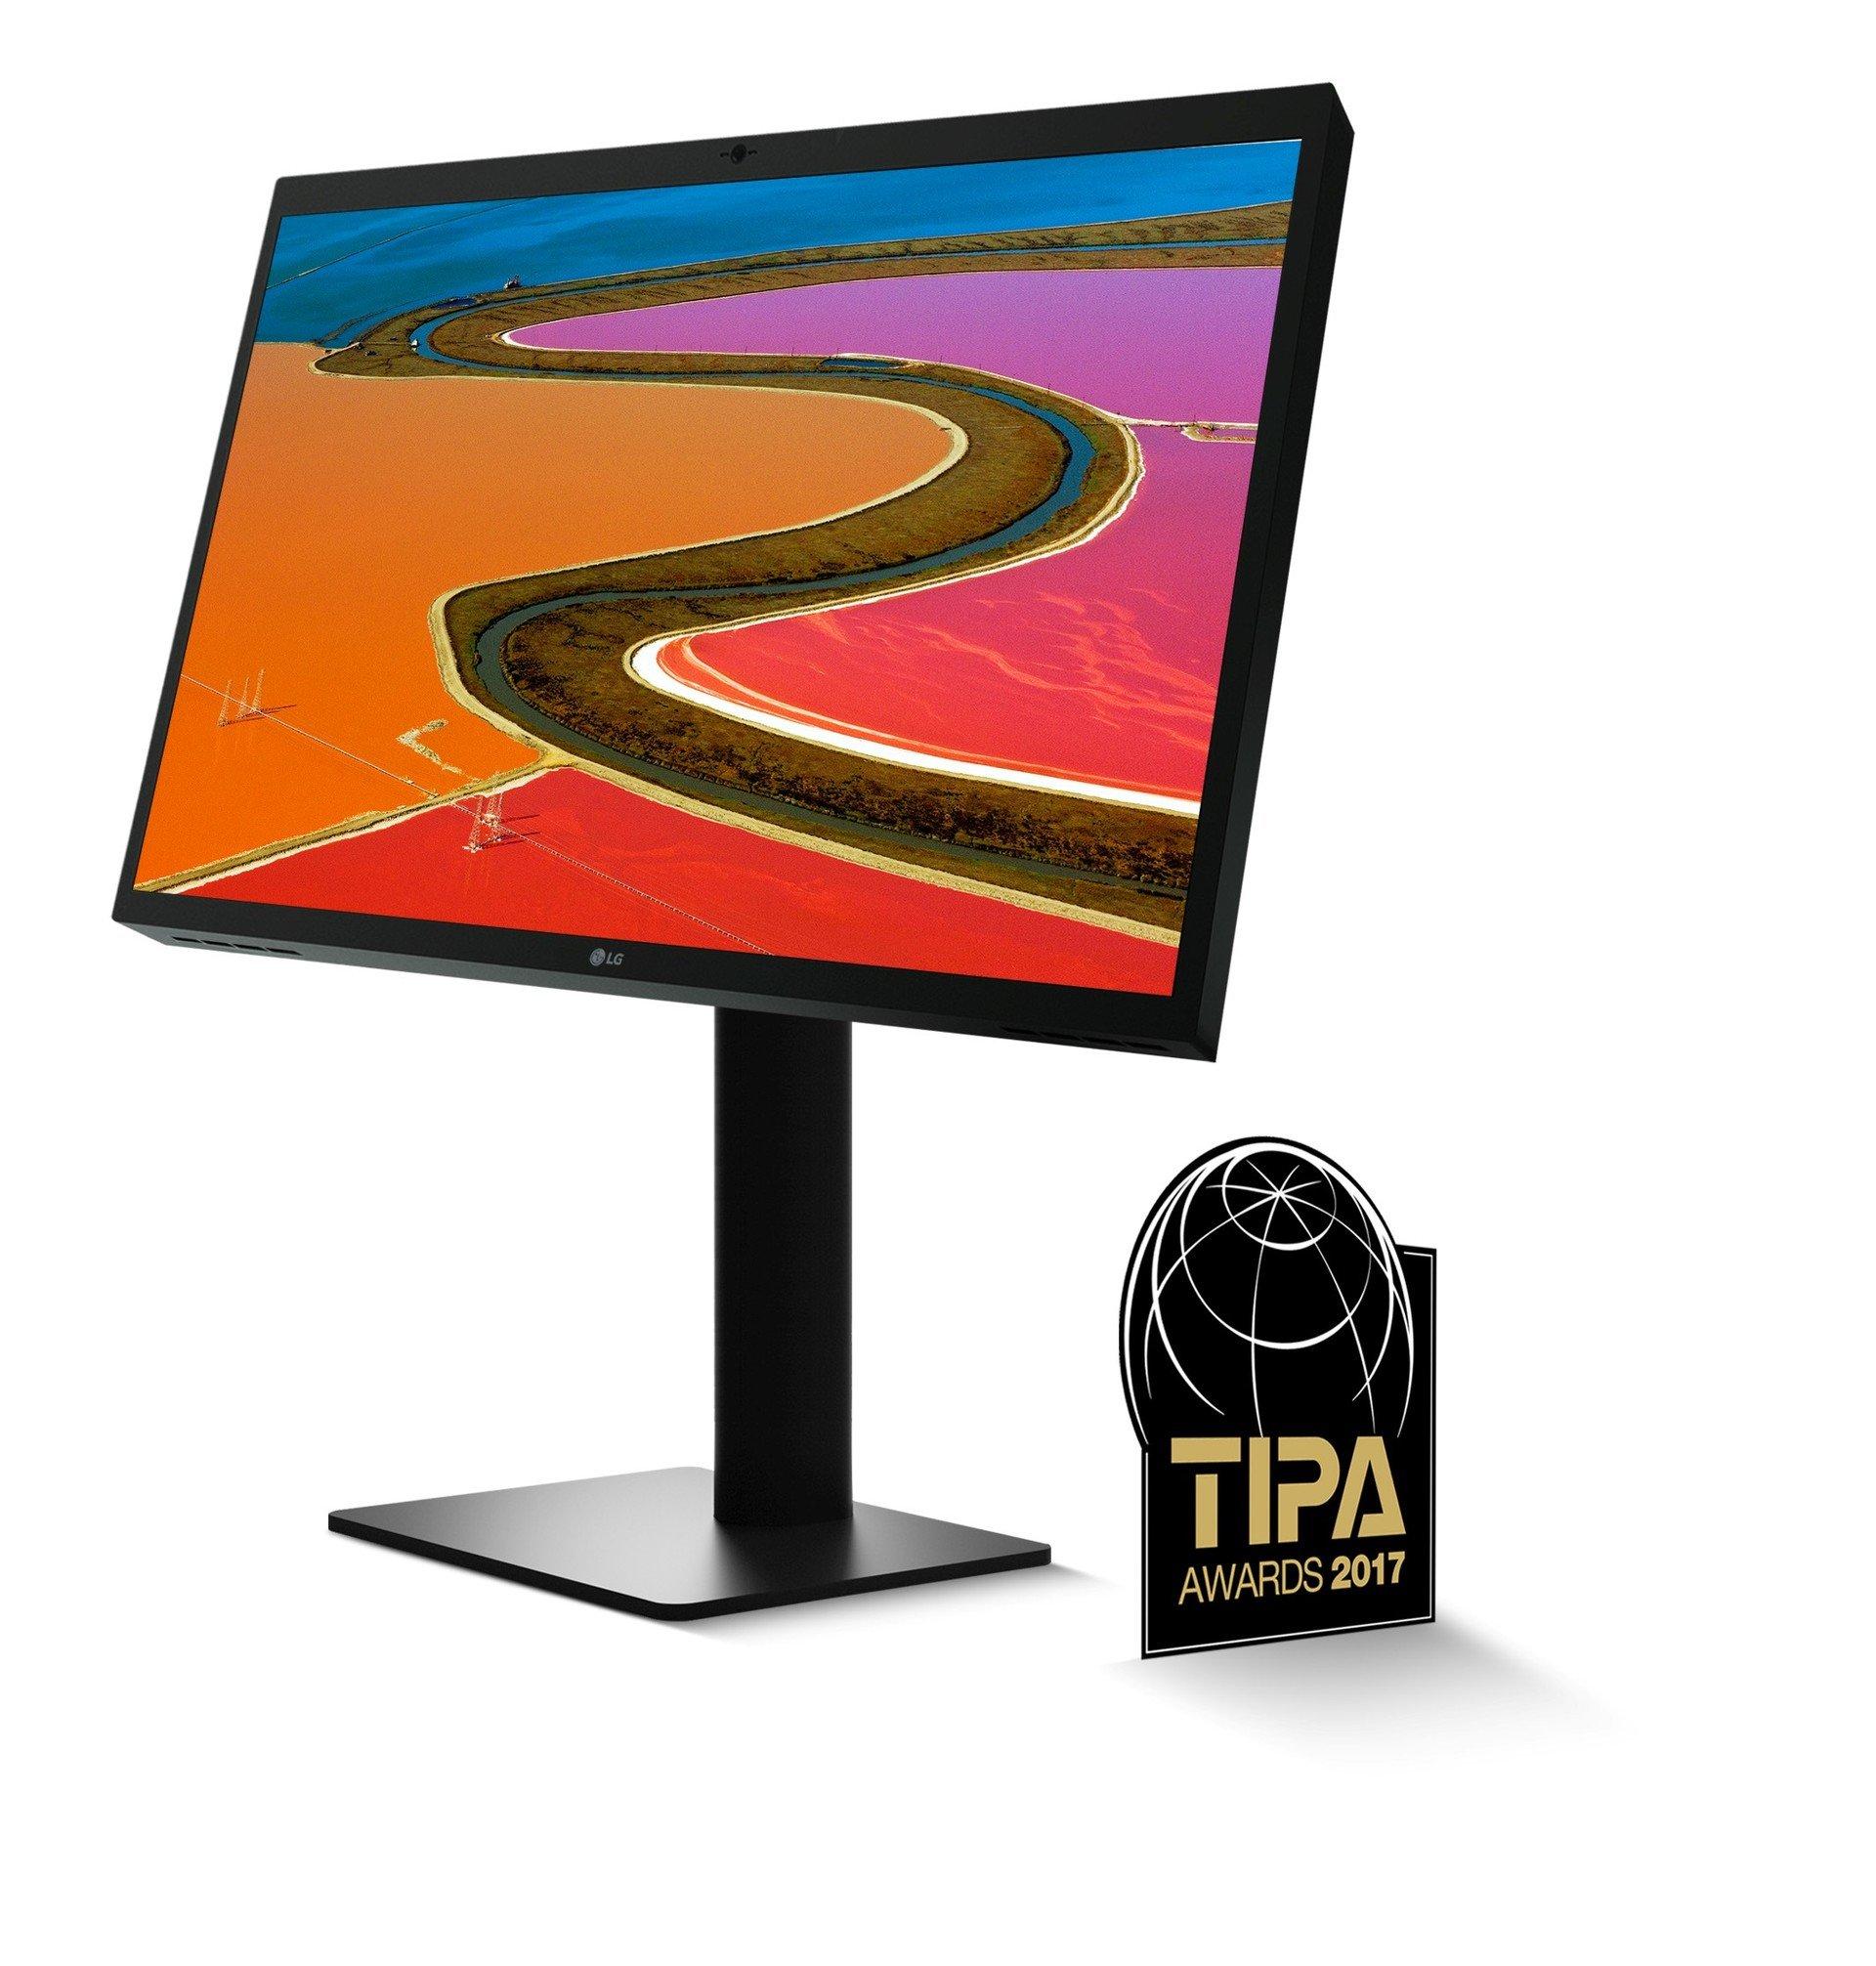 """Monitor LG ULTRAFINE™ 5K otrzymał tytuł """"Najlepszego monitora fotograficznego""""  w prestiżowym konkursieTIPA 2017 AWARDS"""